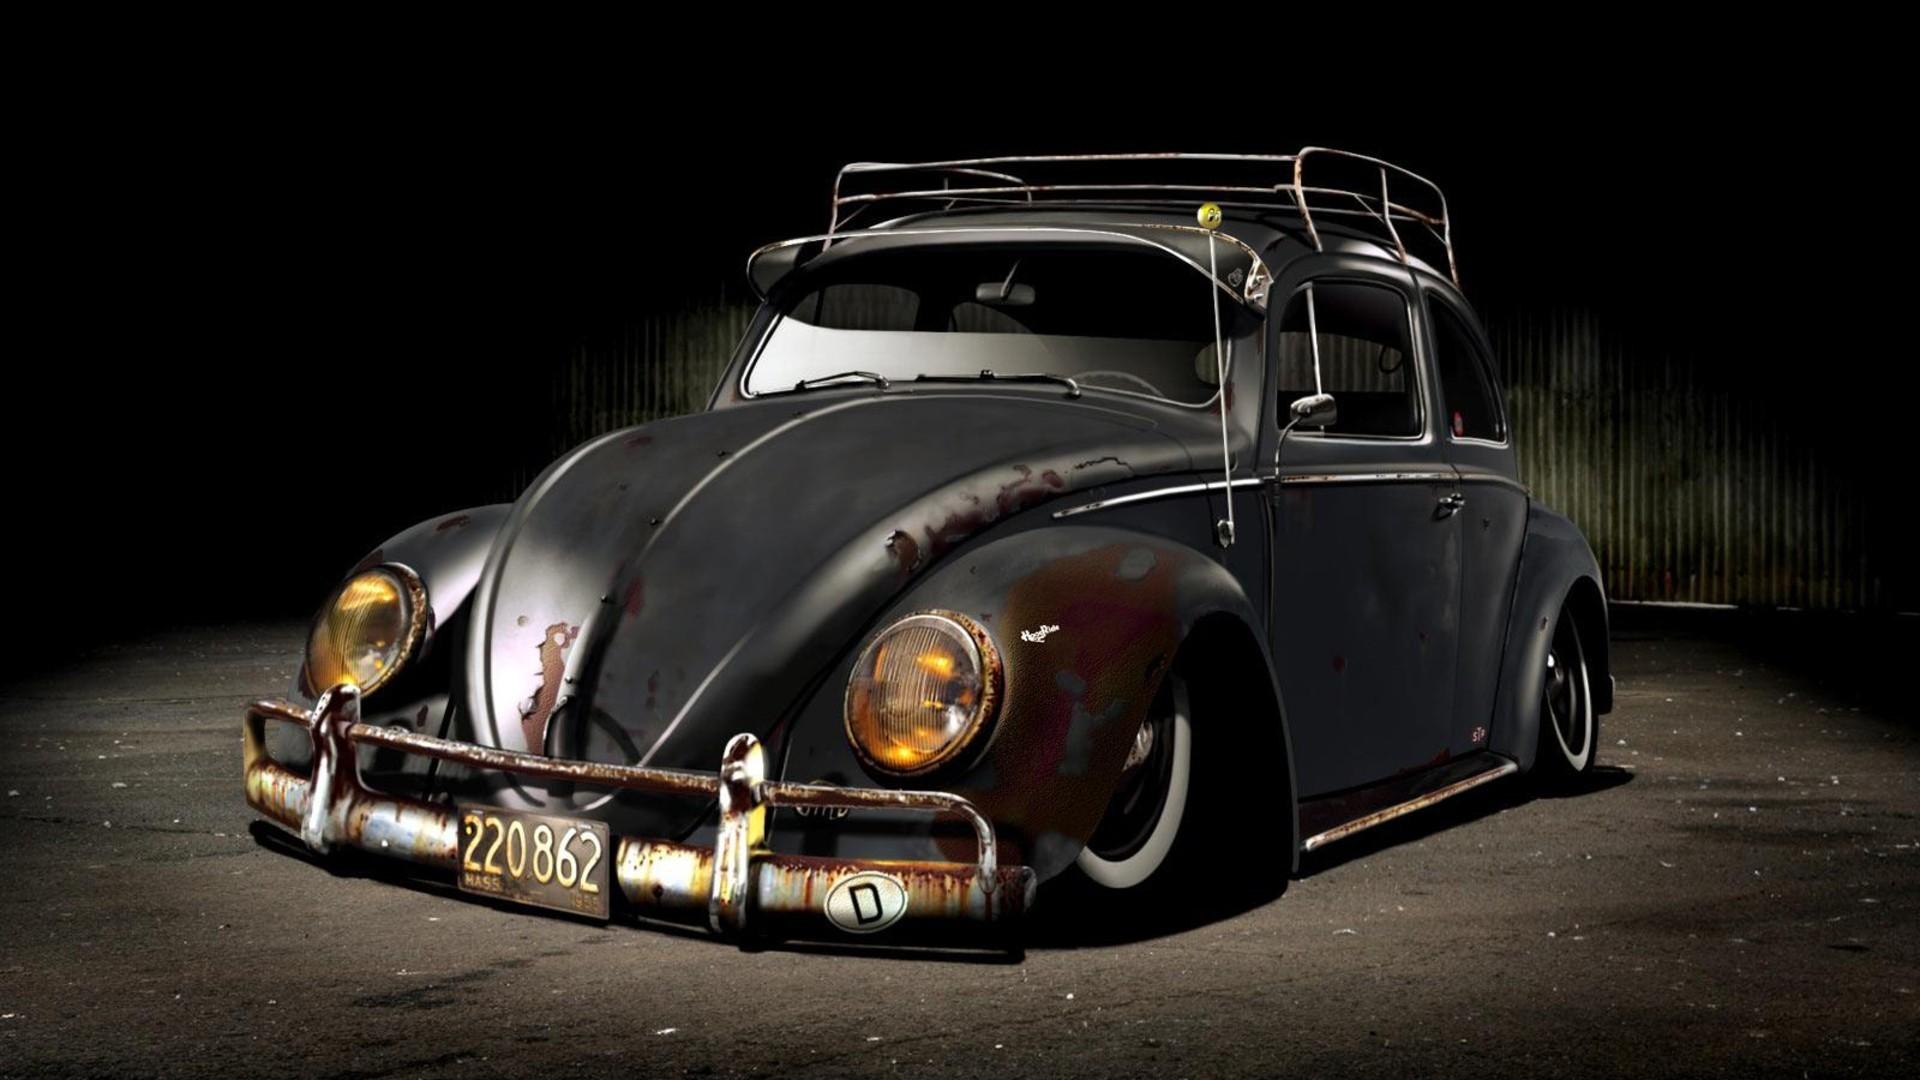 Rusty Volkswagen Beetle Wallpaper 6503 1920x1080